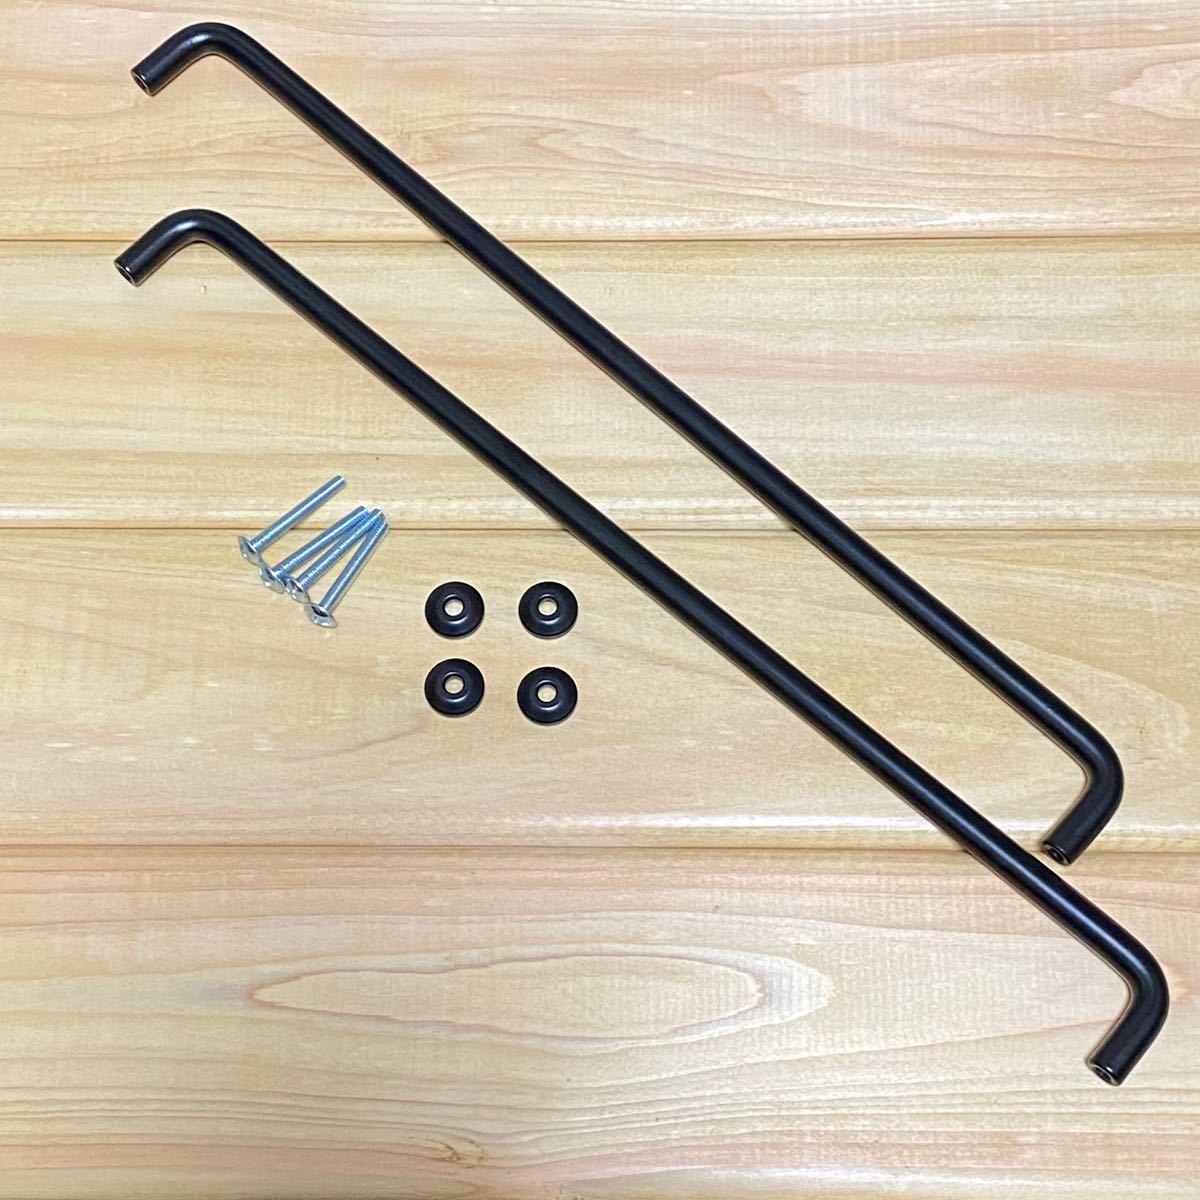 ユニフレーム 焚き火テーブル サイドバー カスタムパーツ ブラック2本